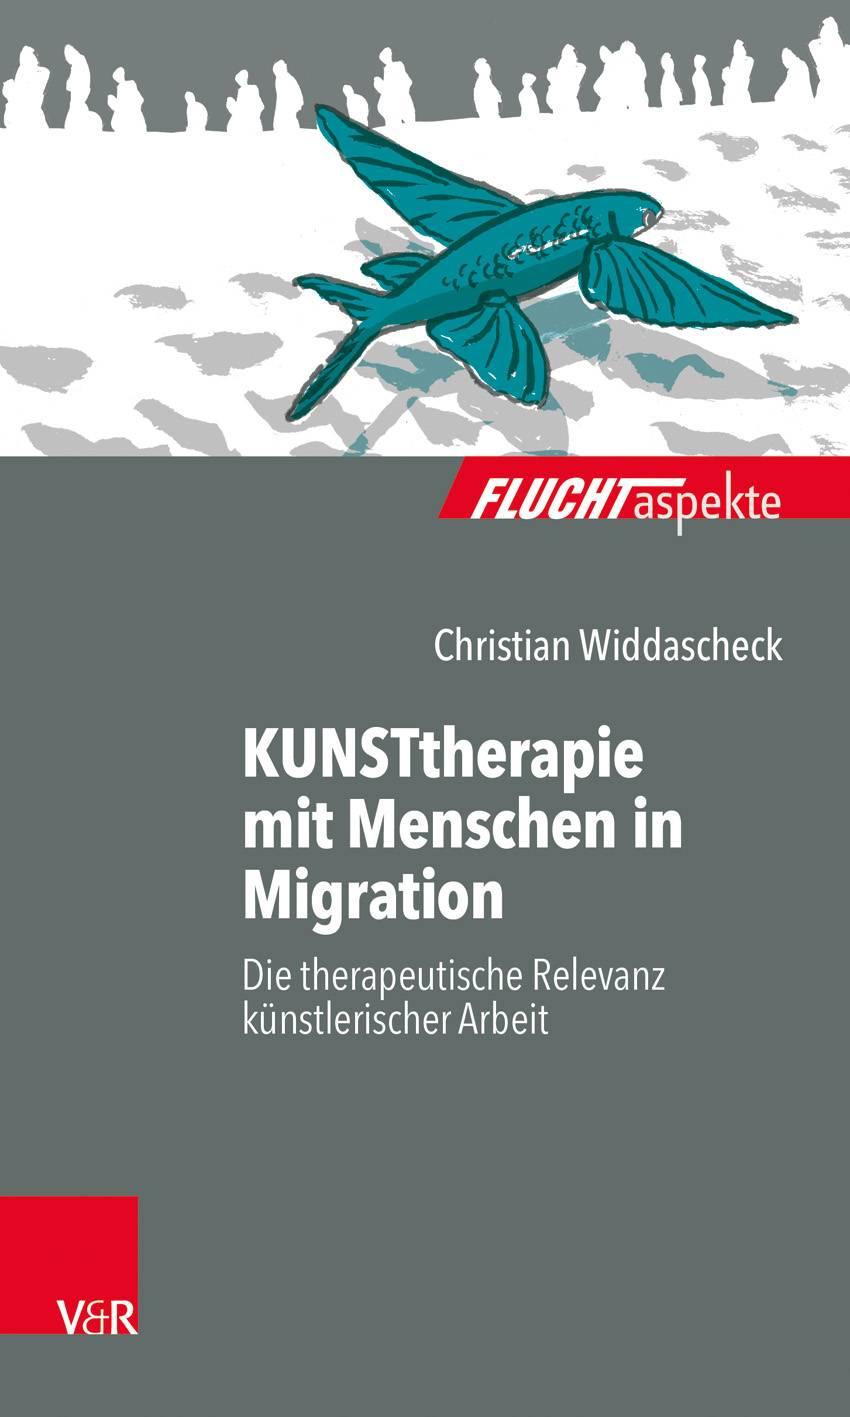 Kunsttherapie Mit Menschen In Migration Soziale Arbeit Padagogik Soziale Arbeit Themen Entdecken Vandenhoeck Ruprecht Verlage